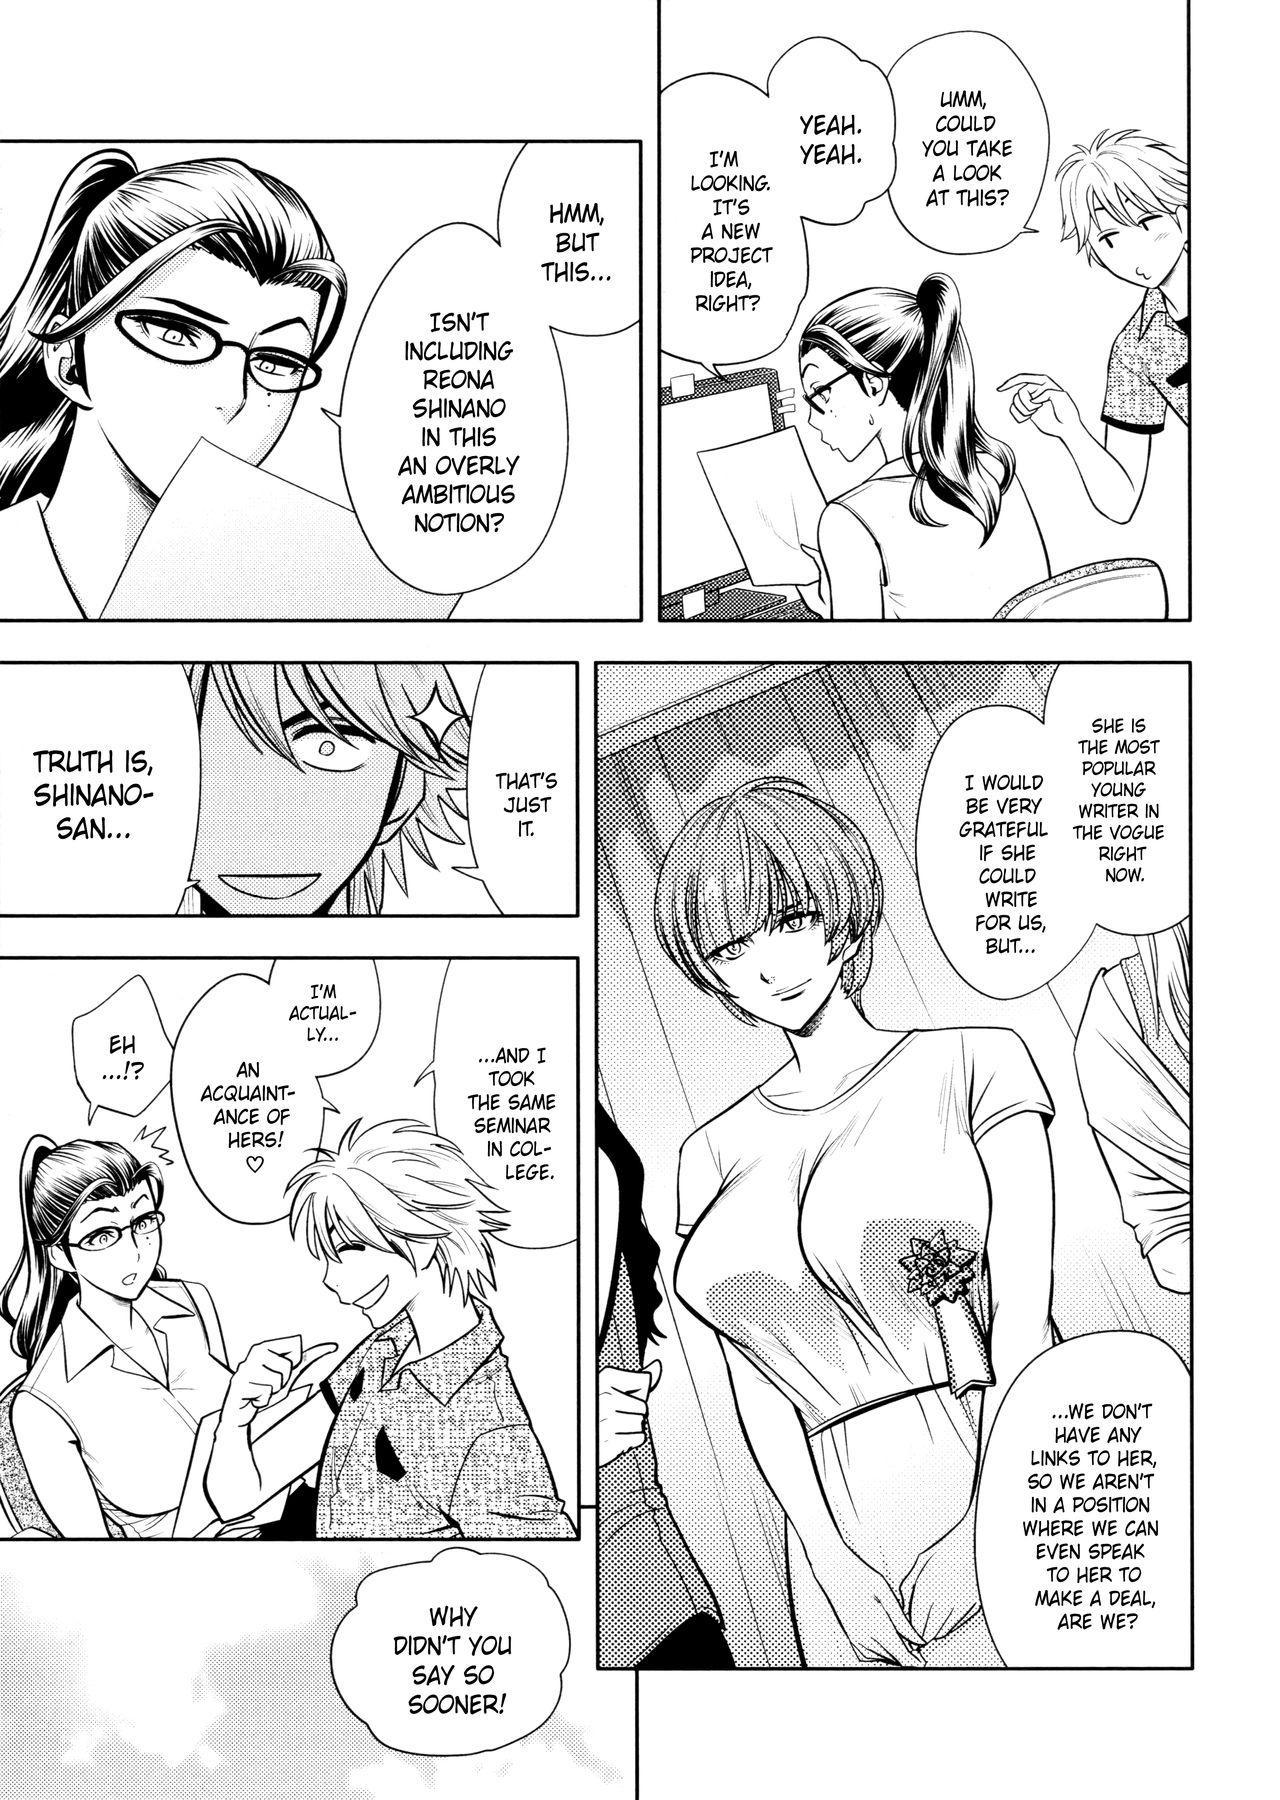 [Tatsunami Youtoku, Yamasaki Masato] Bijin Henshuu-chou no Himitsu | Beautiful Editor-in-Chief's Secret Ch. 1-8 [English] [Forbiddenfetish77, Red Vodka, Crystalium, CEDR777] [Decensored] 106